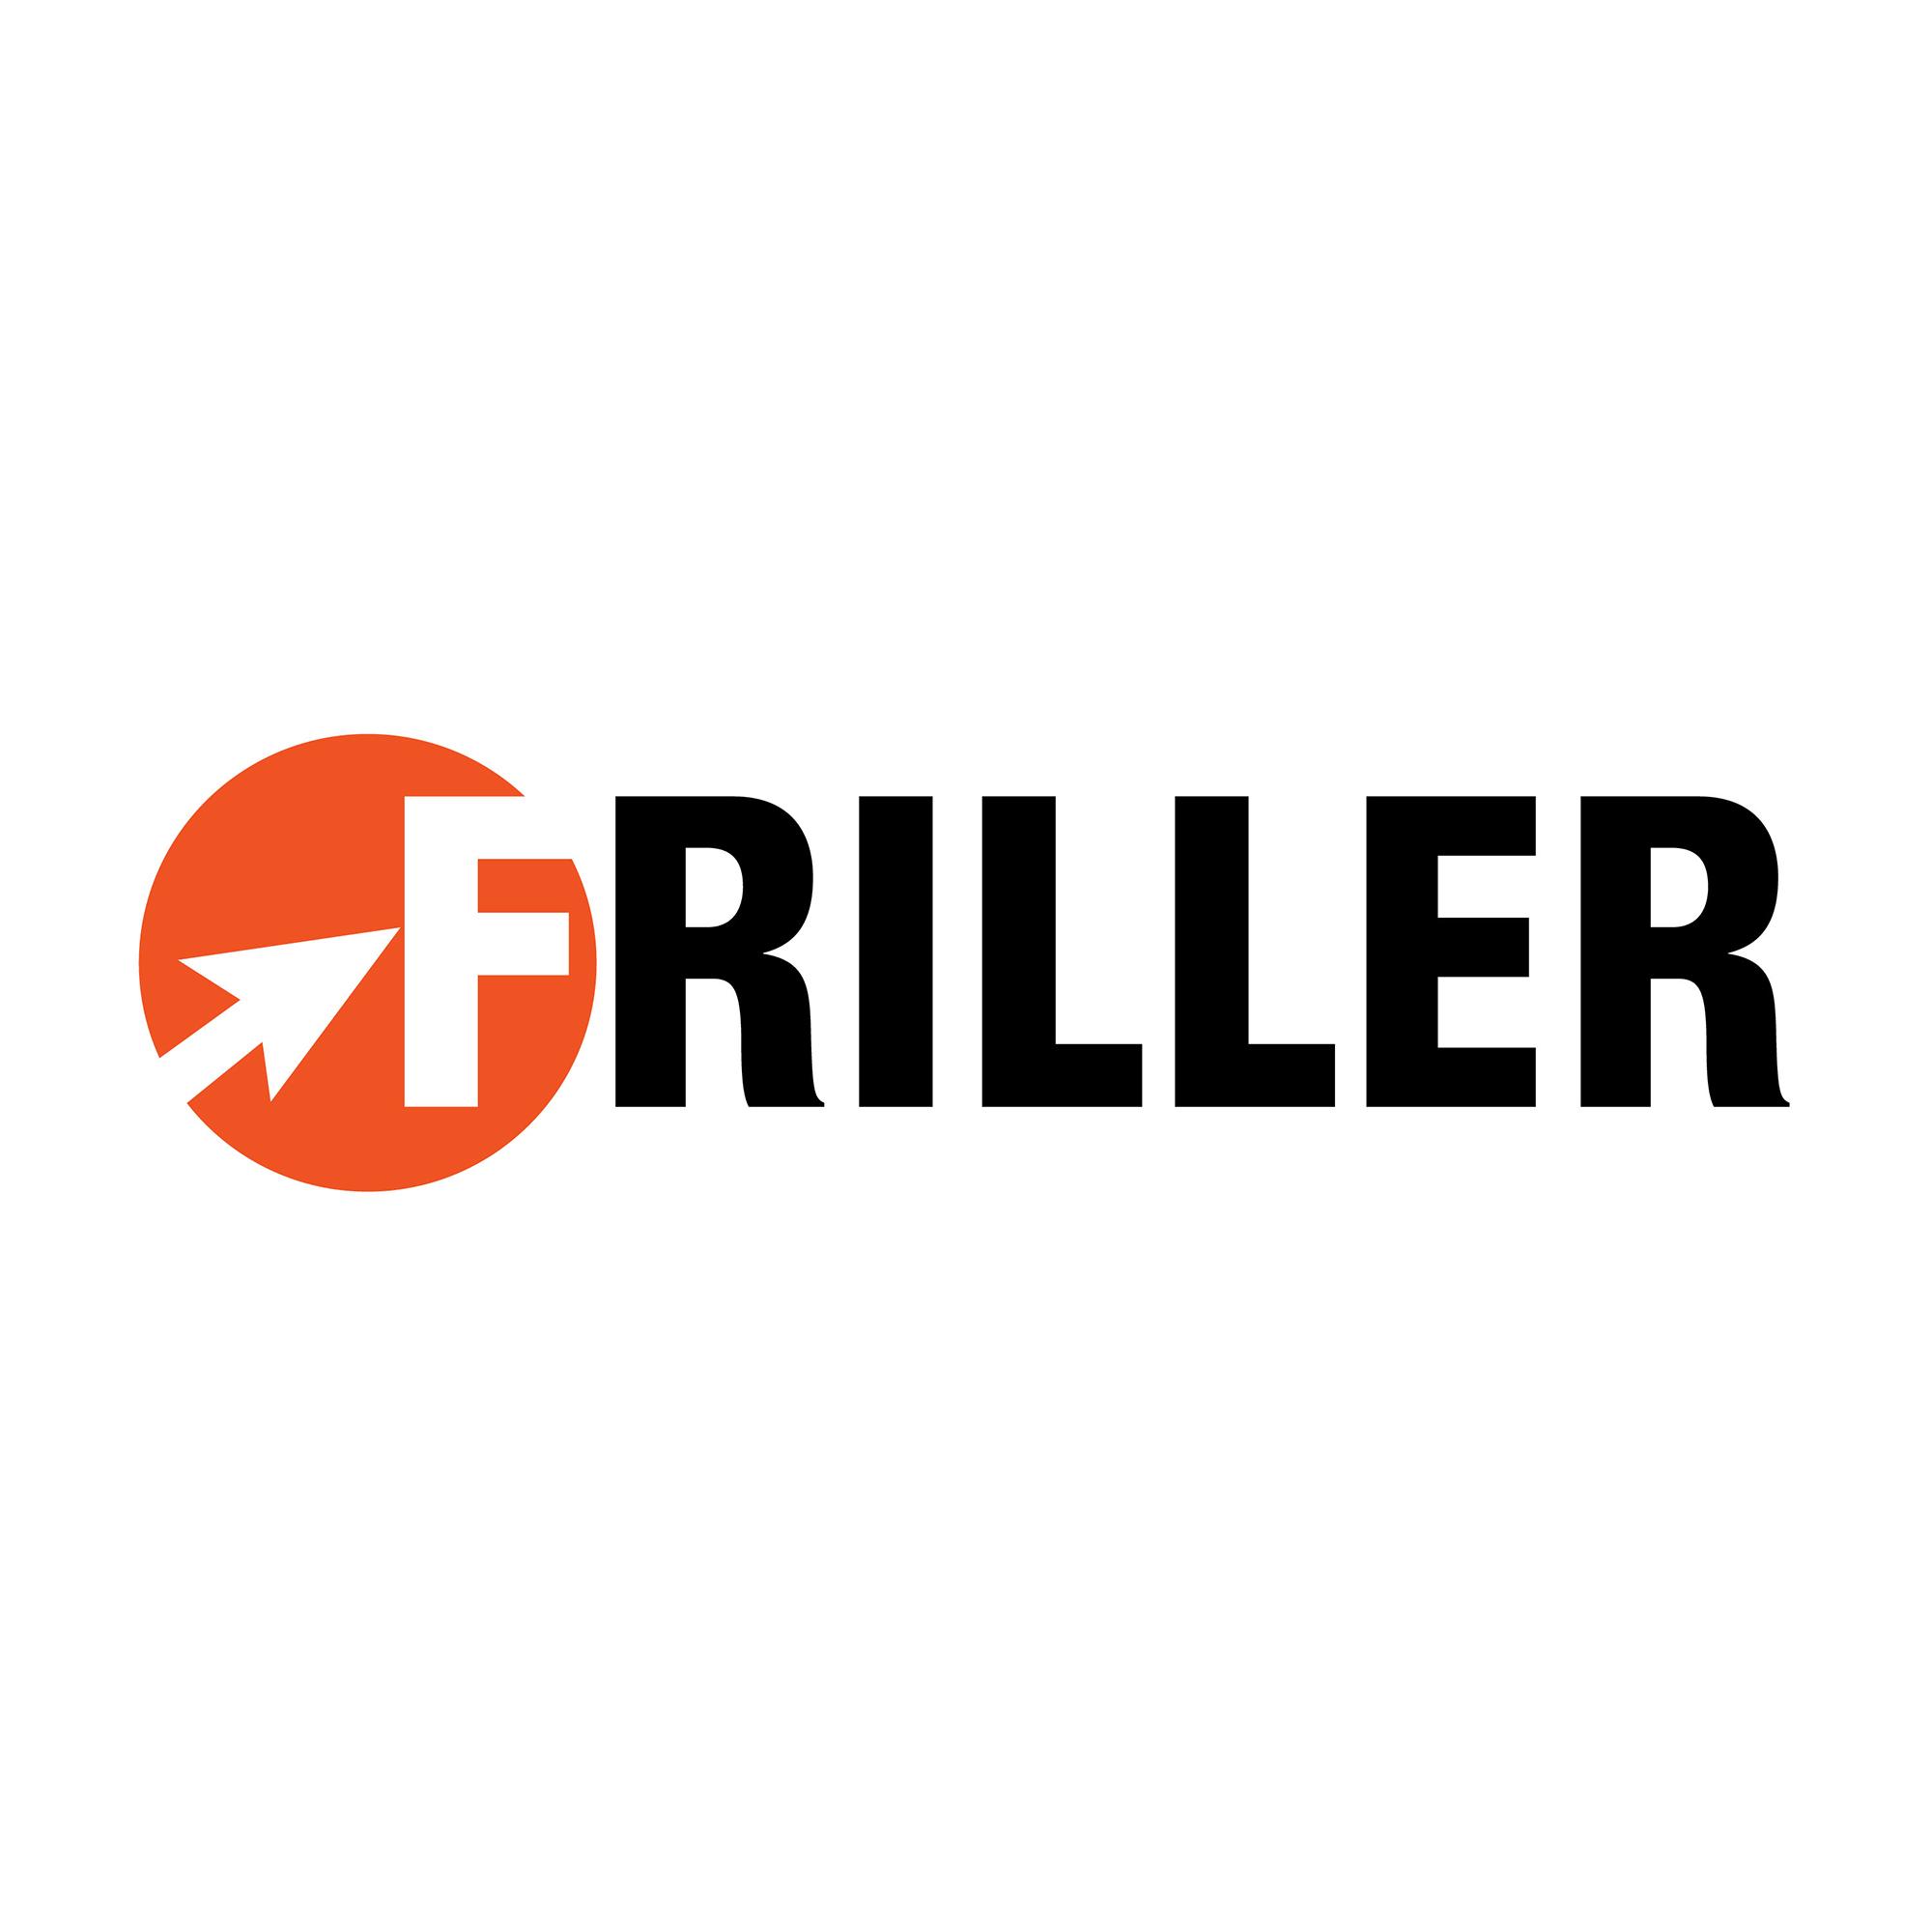 www.friller.com.au